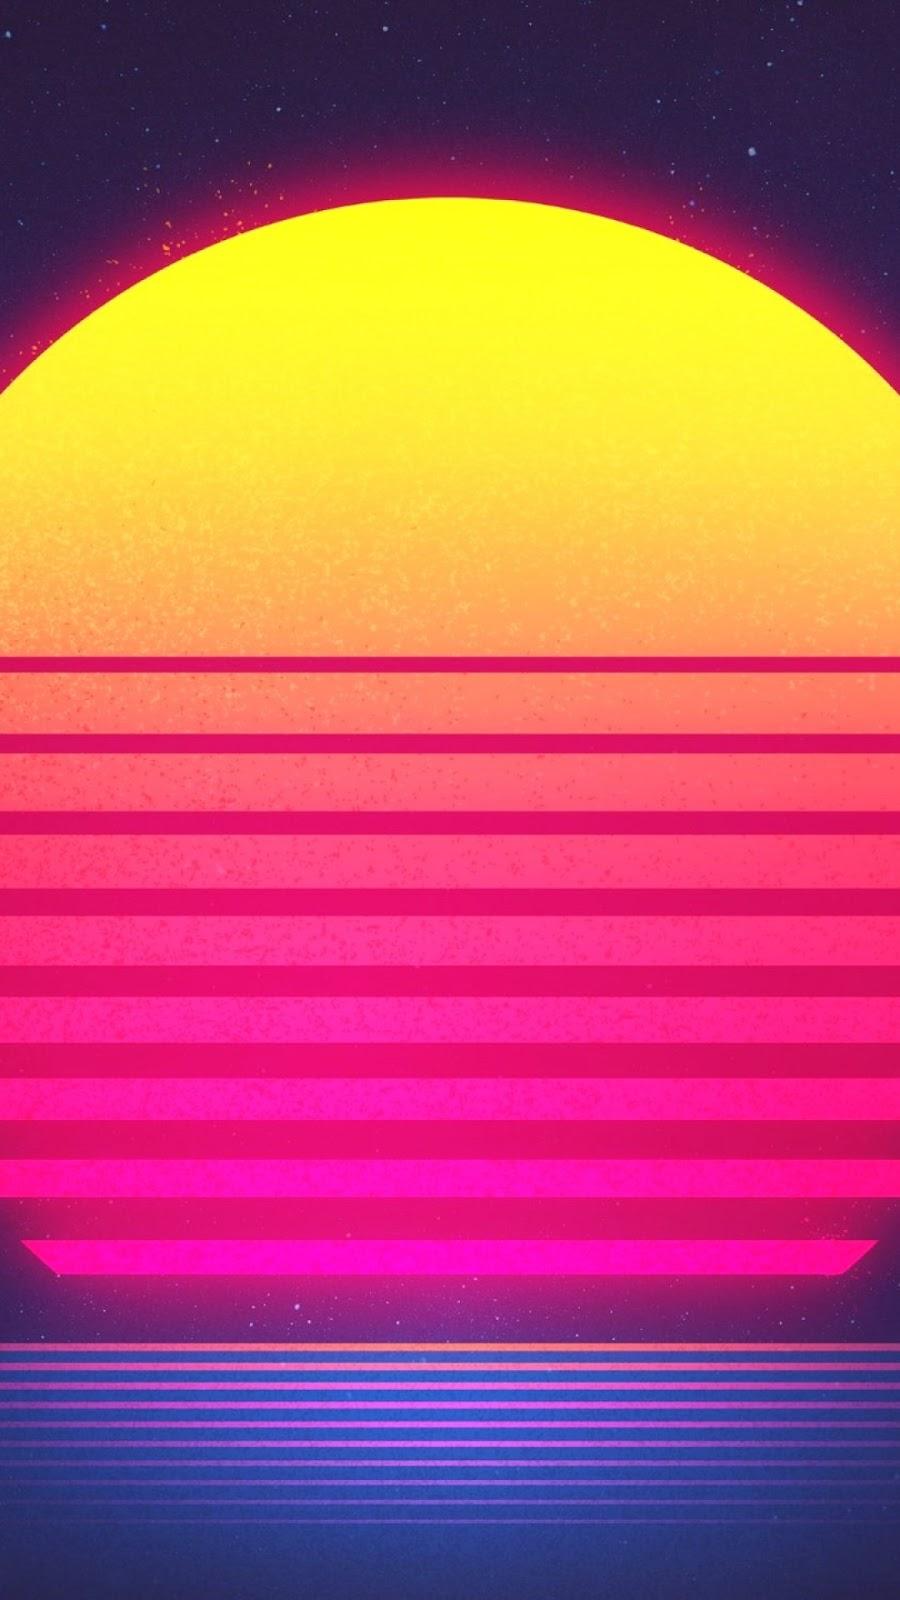 Papel de parede grátis Abstrato Retro Vintage Pôr do Sol para PC, Notebook, iPhone, Android e Tablet.